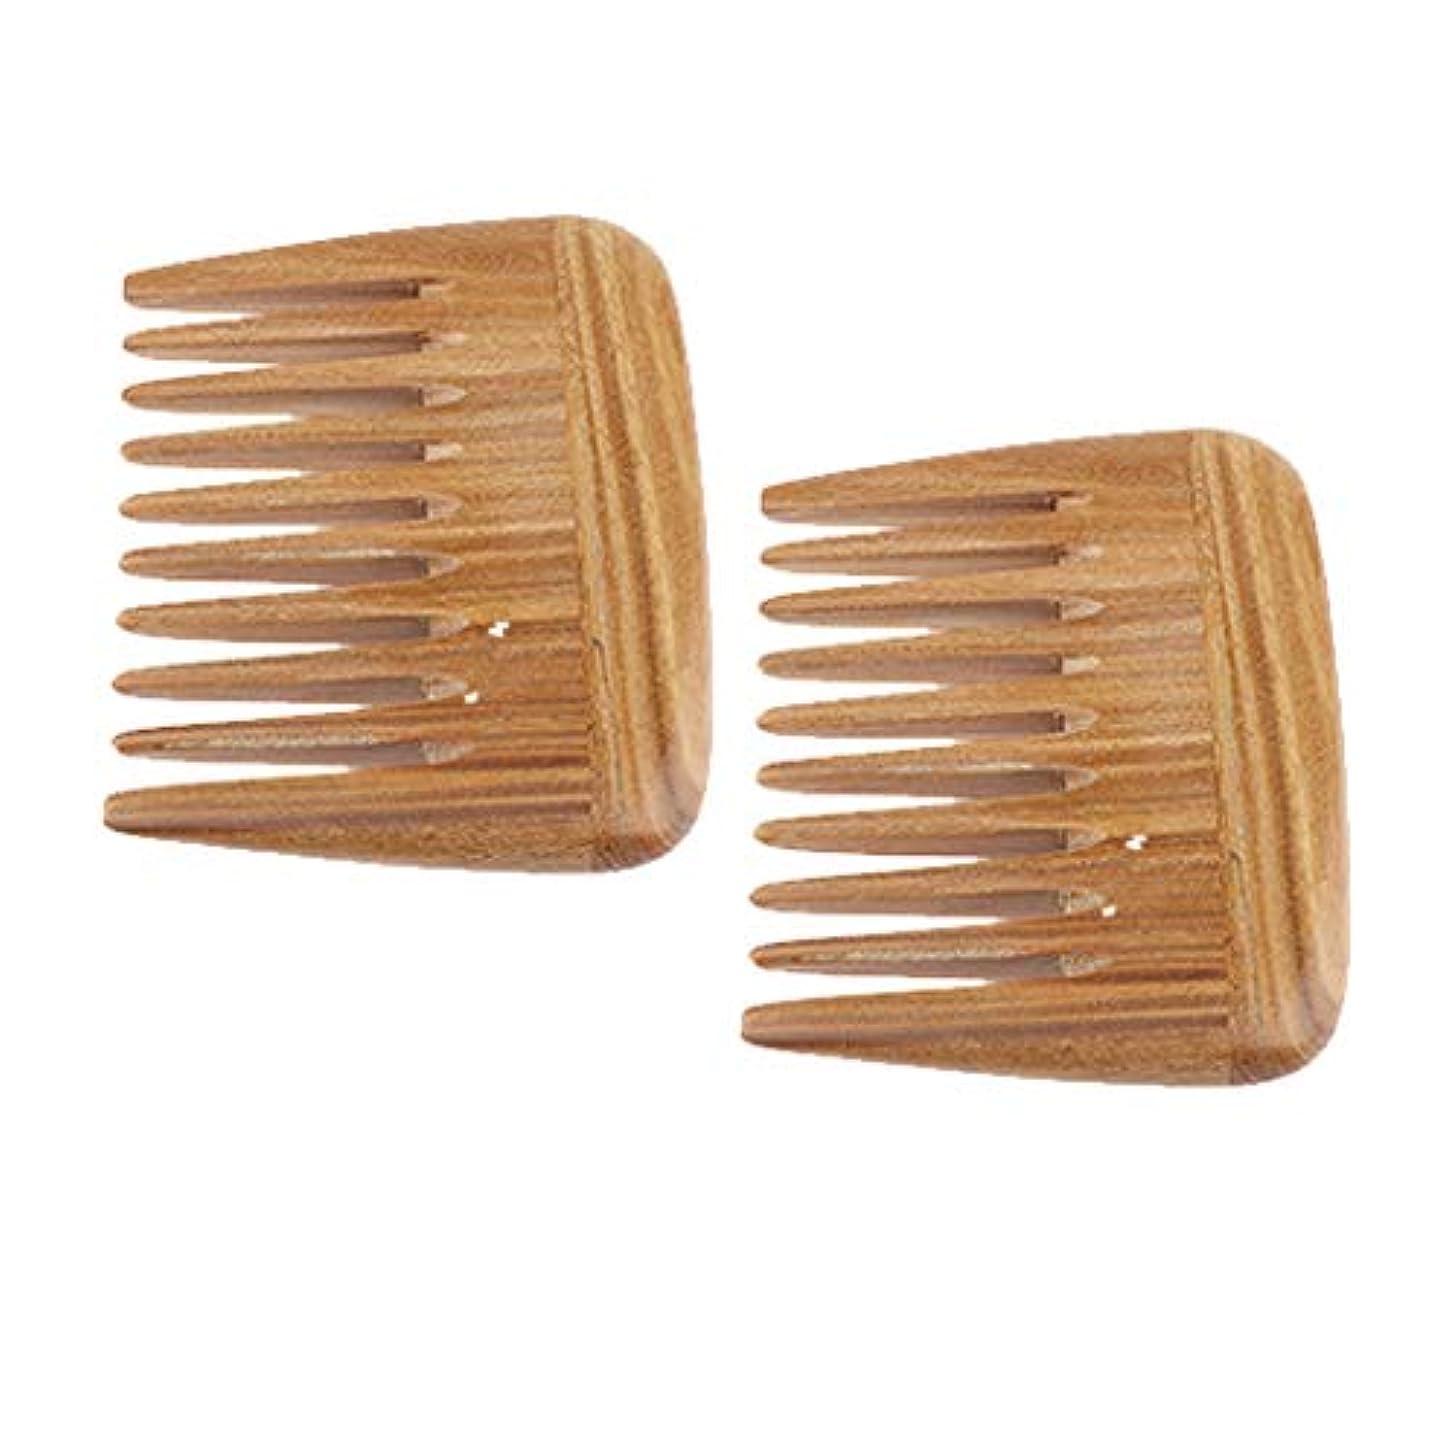 読書デッドロック日焼けB Baosity 2個 静電気防止櫛 ポケット 広い歯 ヘアコーム 木製櫛 プレゼント